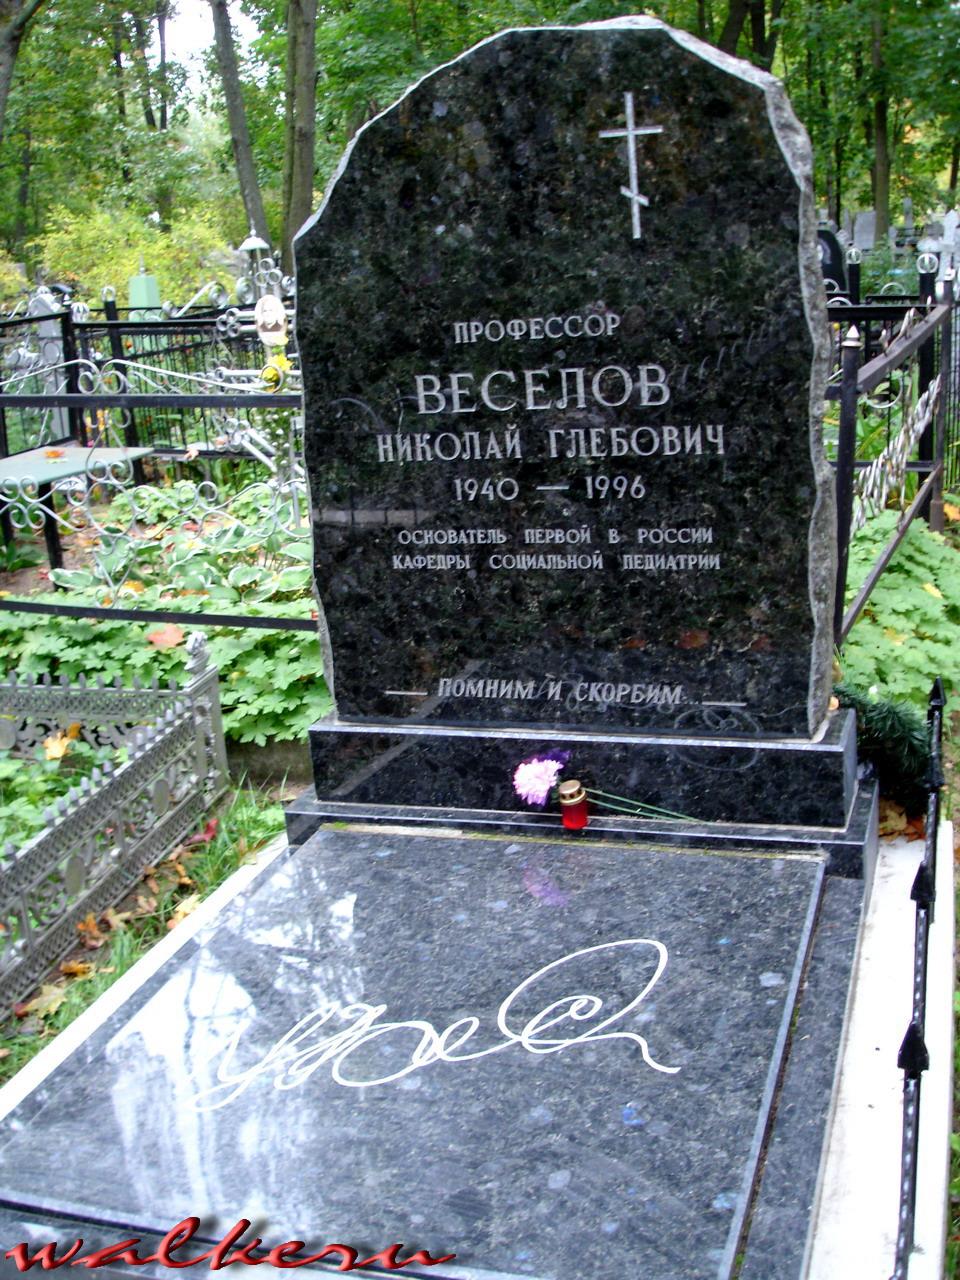 Могила Веселова Н.Г. на Кузьминском кладбище